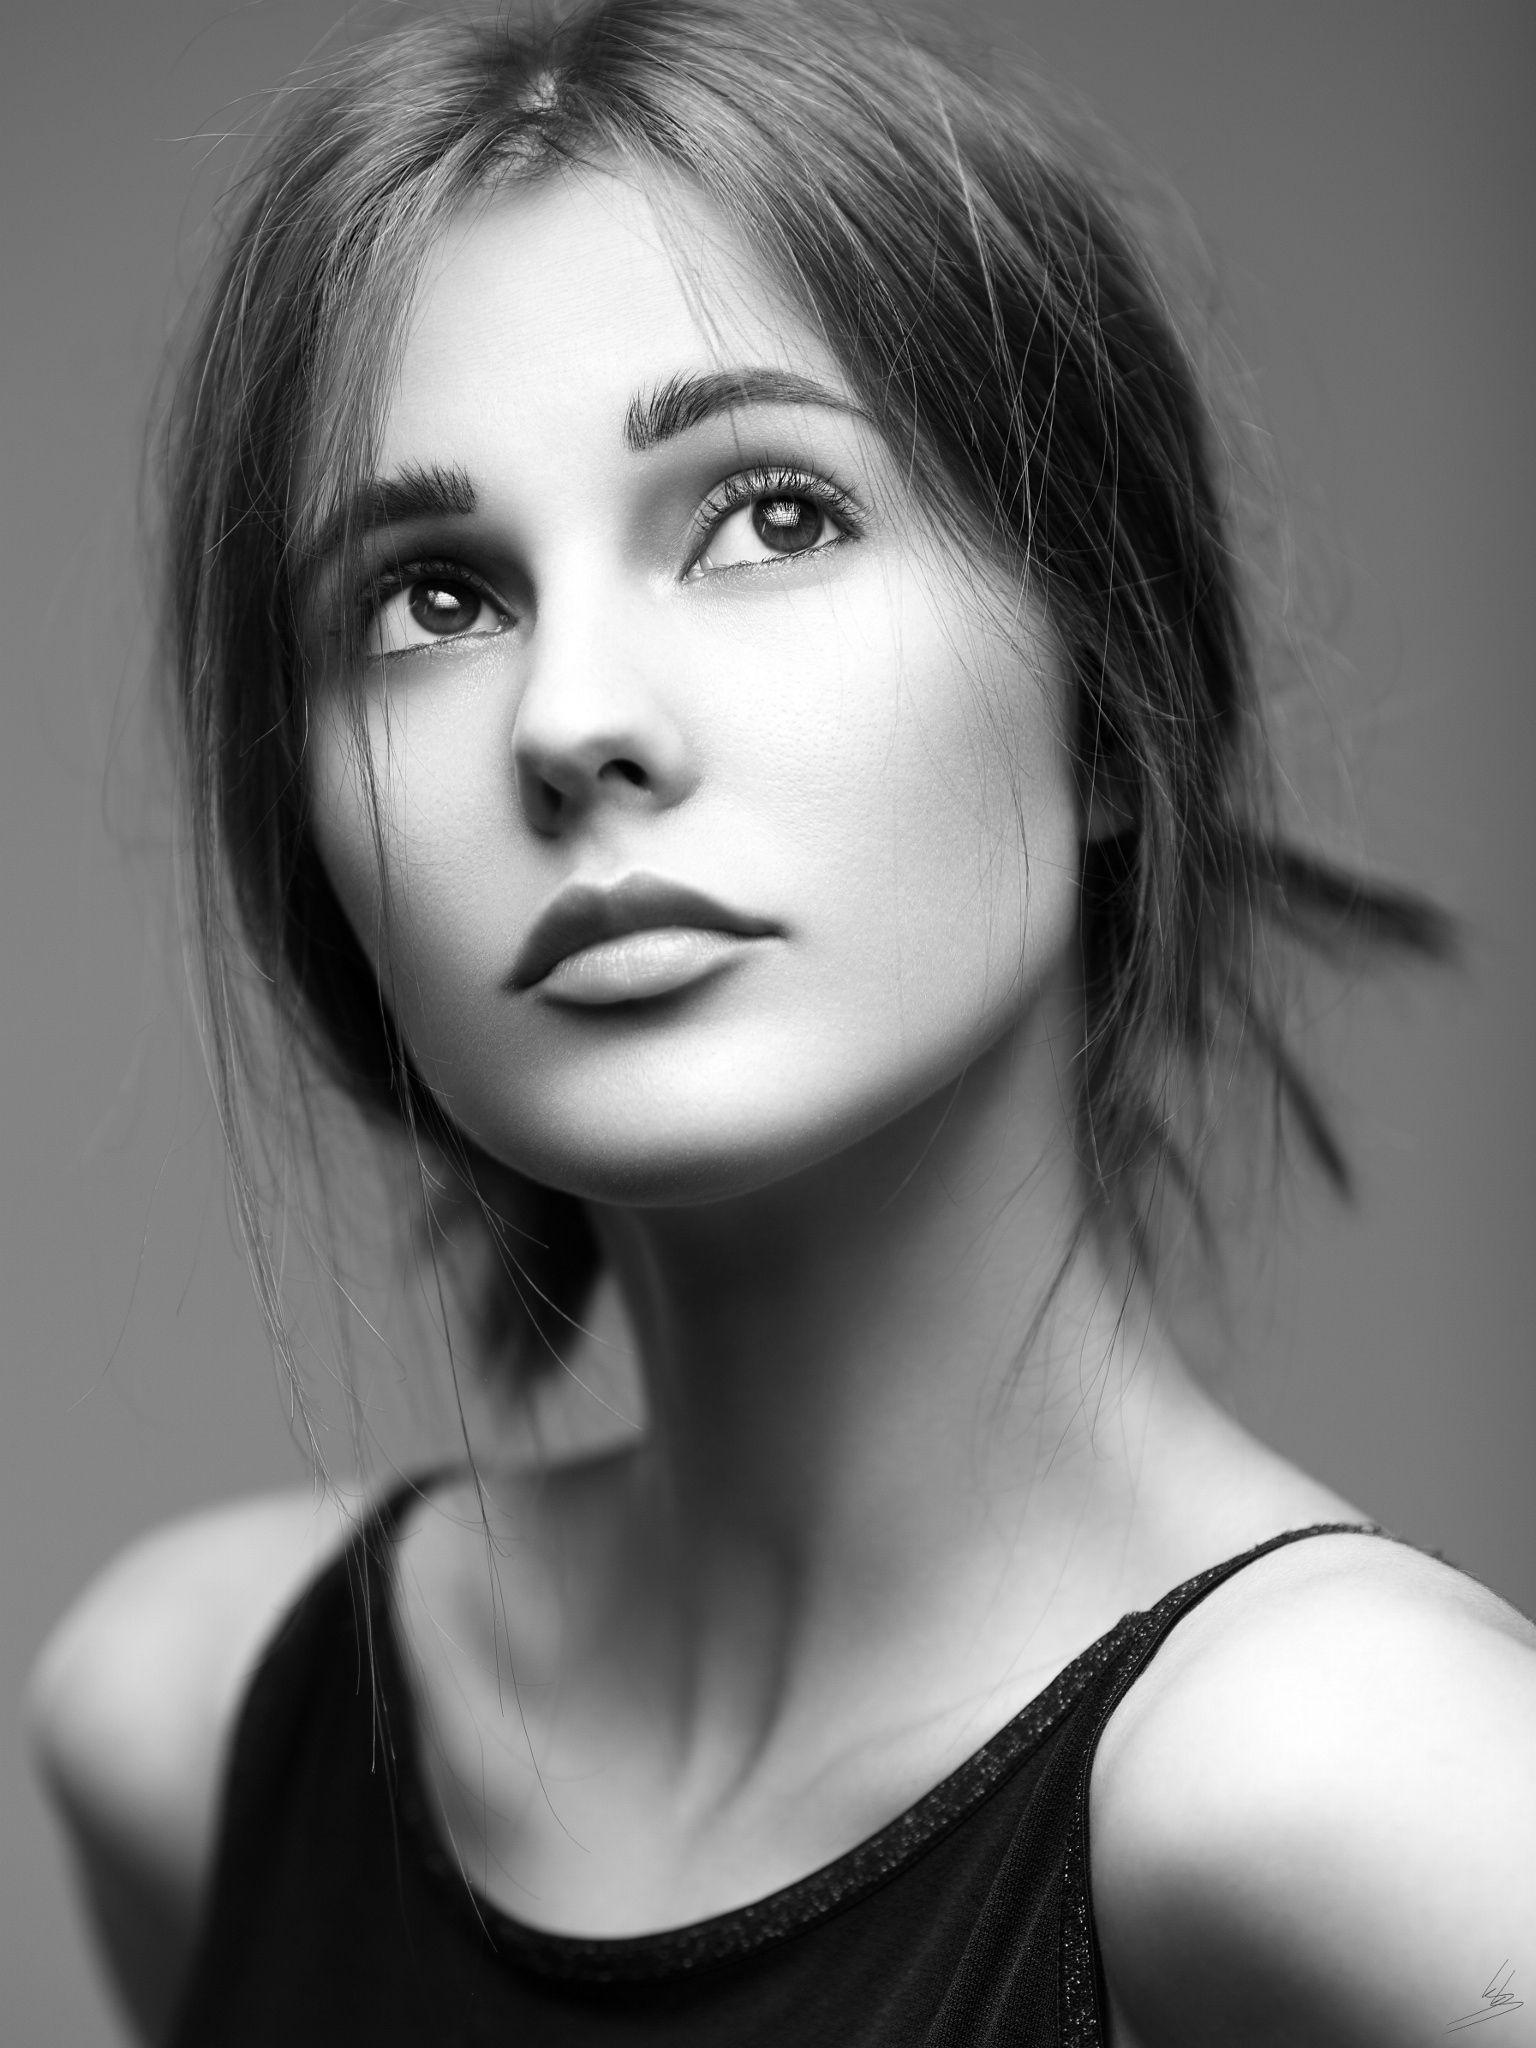 Pin by Kseniya Mazur on beautiful Portrait photography